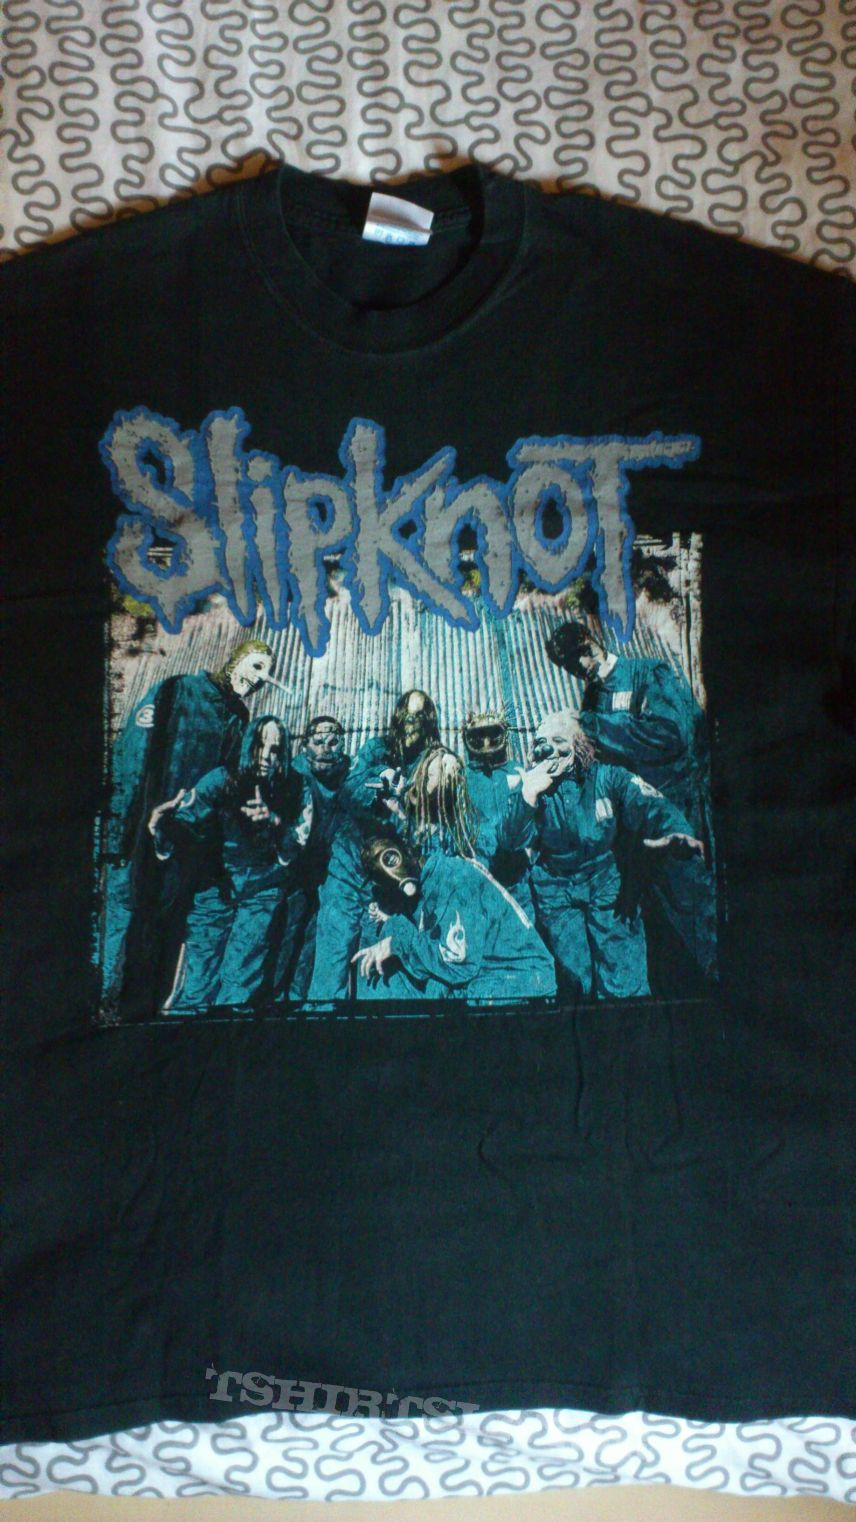 Slipknot Shirt